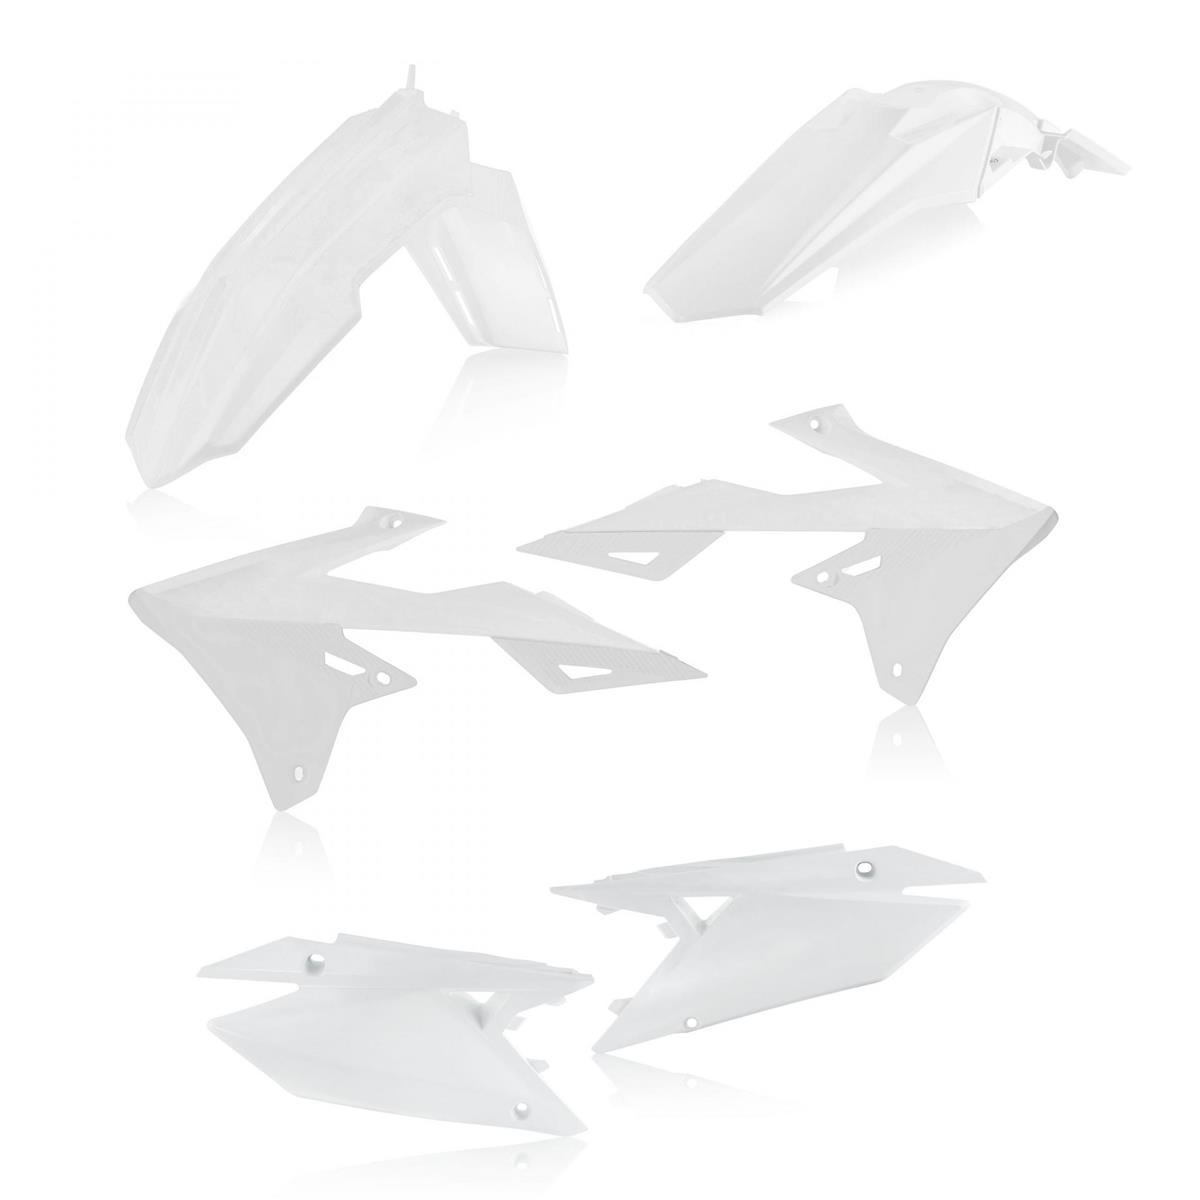 Acerbis Plastik-Kit  Suzuki RMZ 250 2019, Weiß